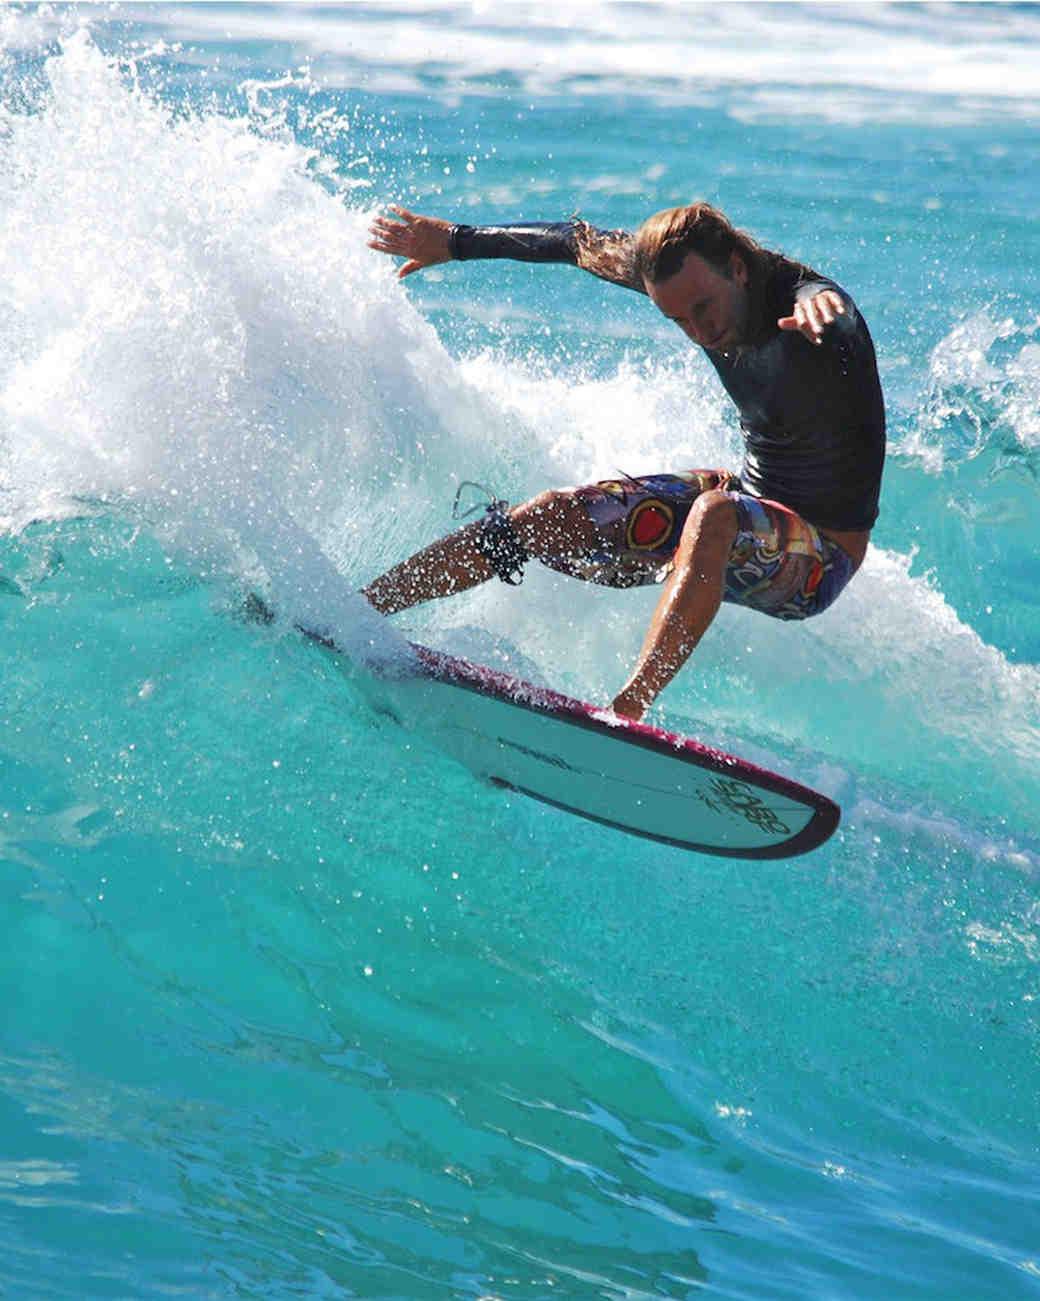 surfer on wave